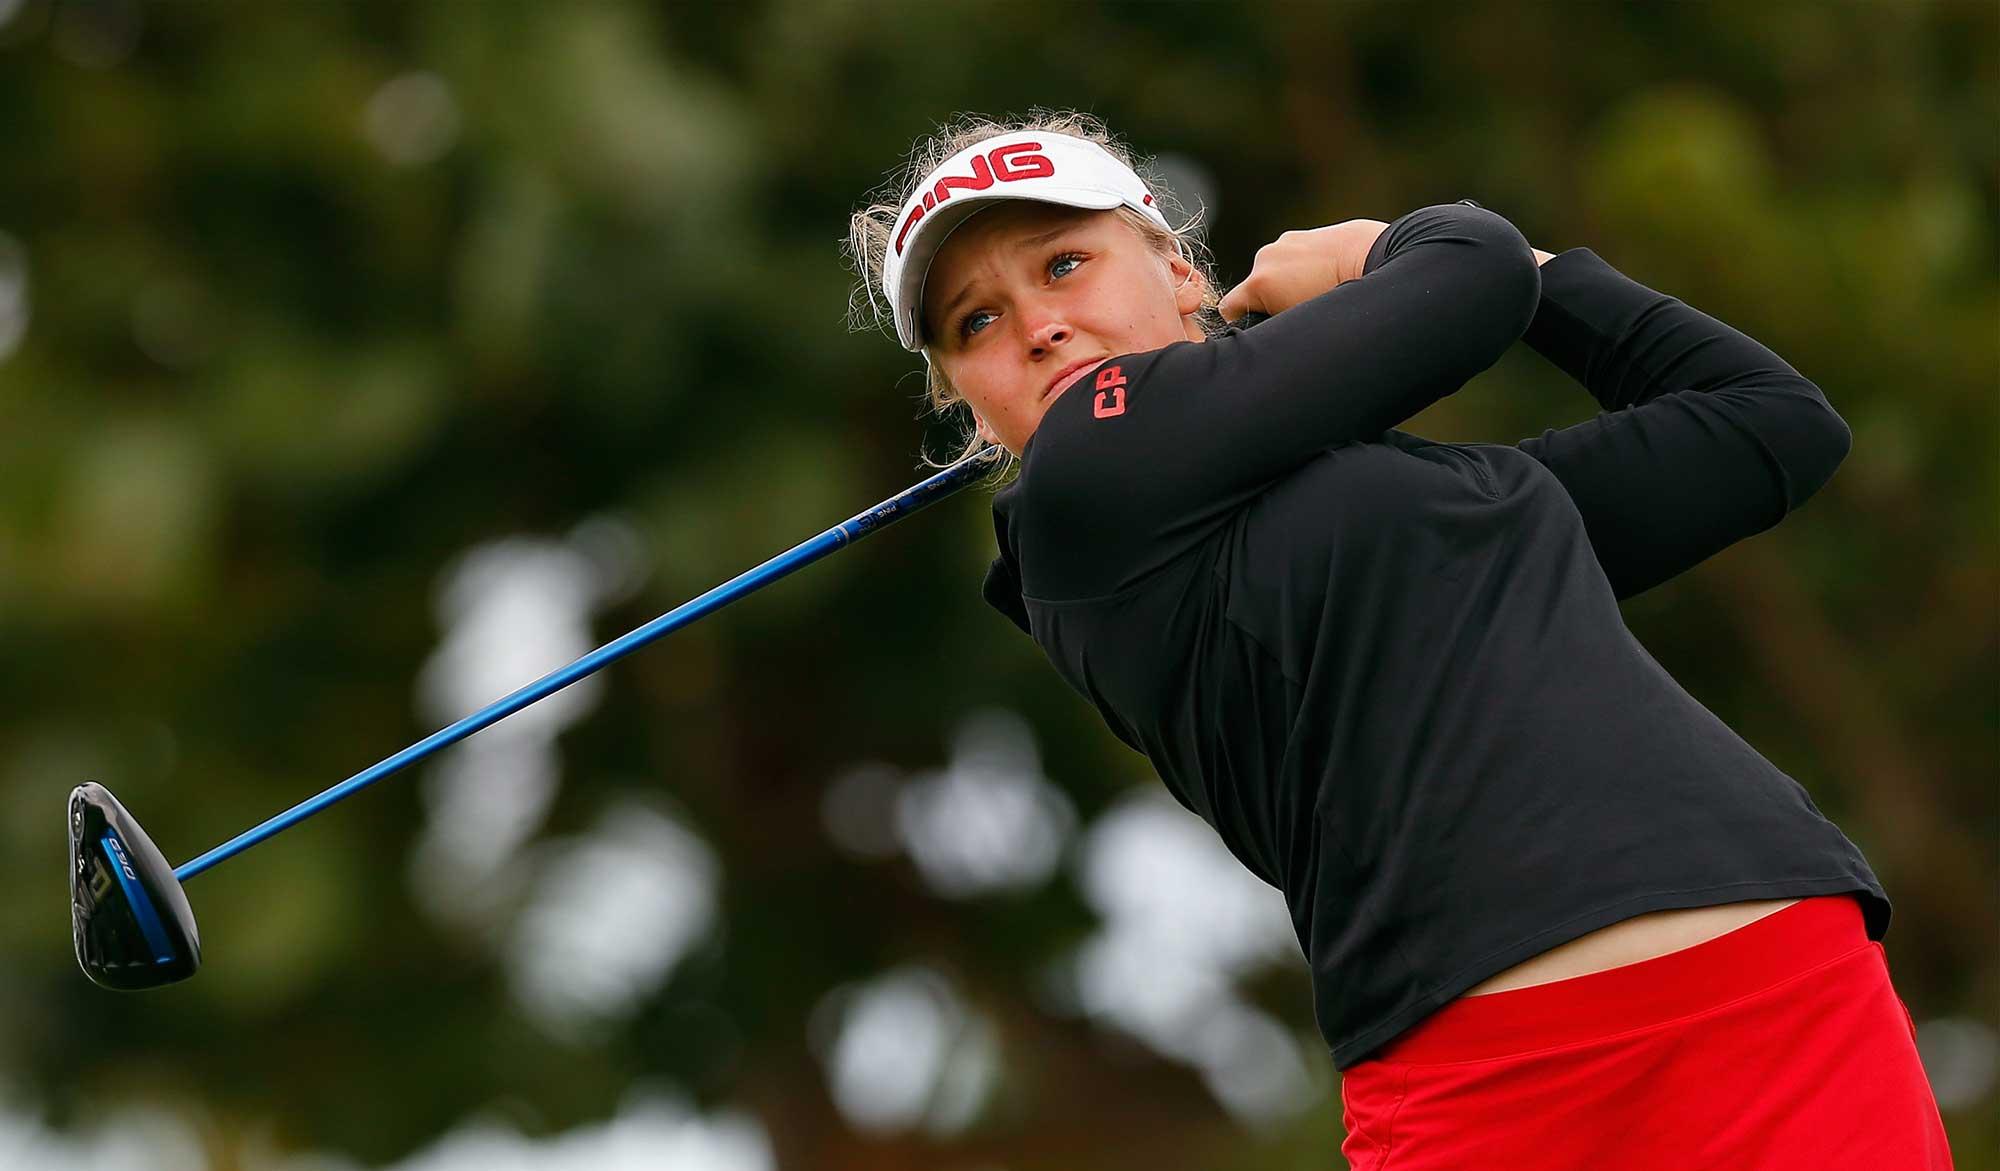 Brooke M. Henderson acaba con sequía de títulos canadienses desde 1973